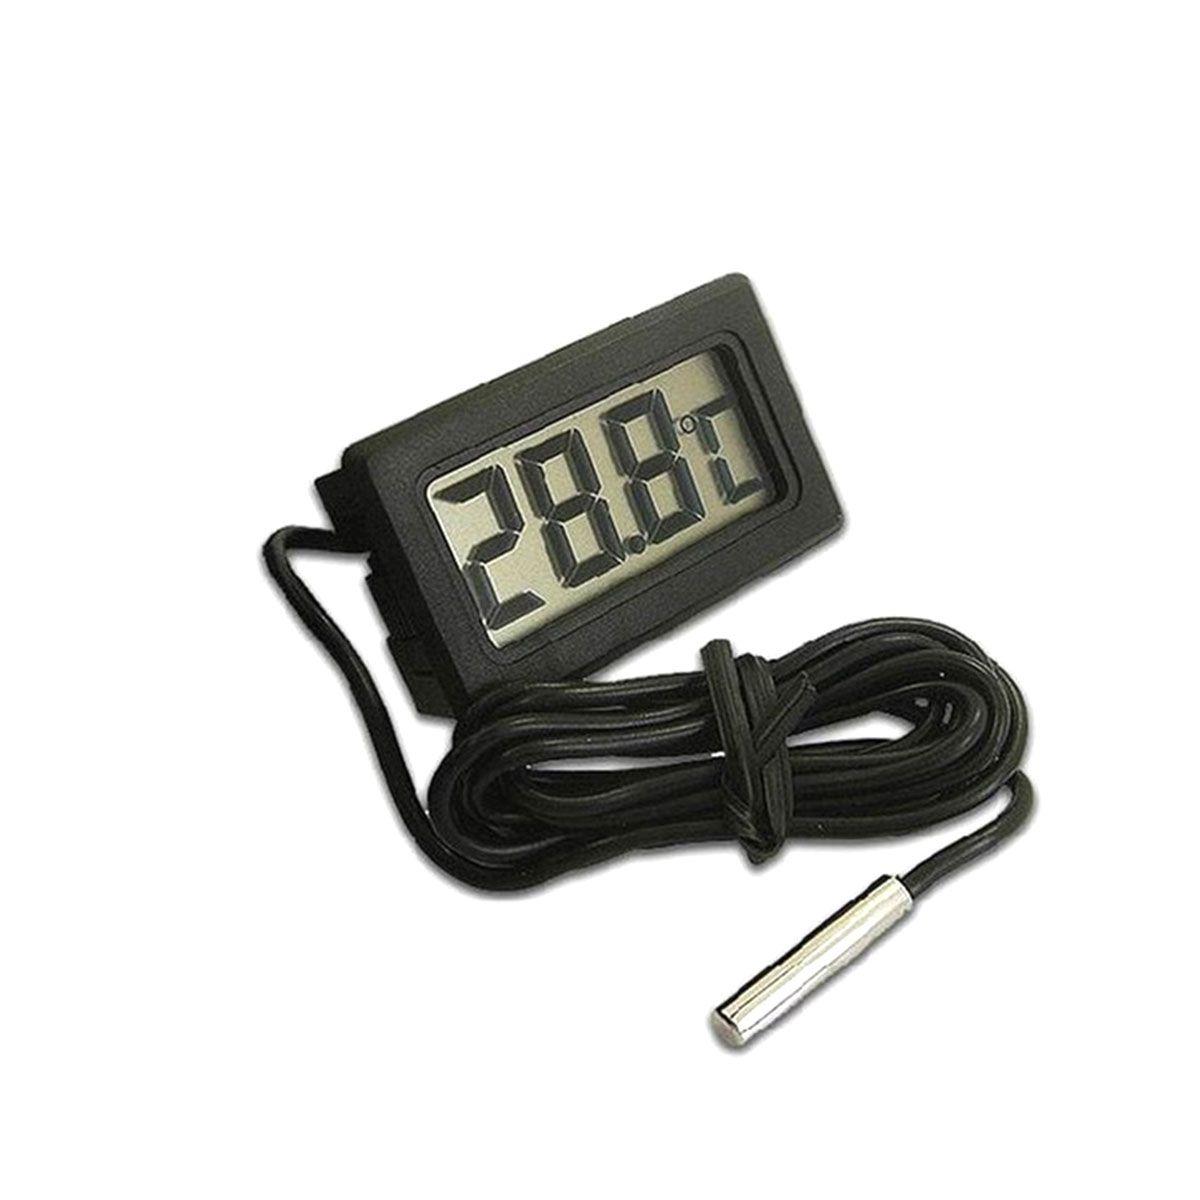 Termômetro Digital com LCD para Aquário, Freezer, Chocadeira, Estufa